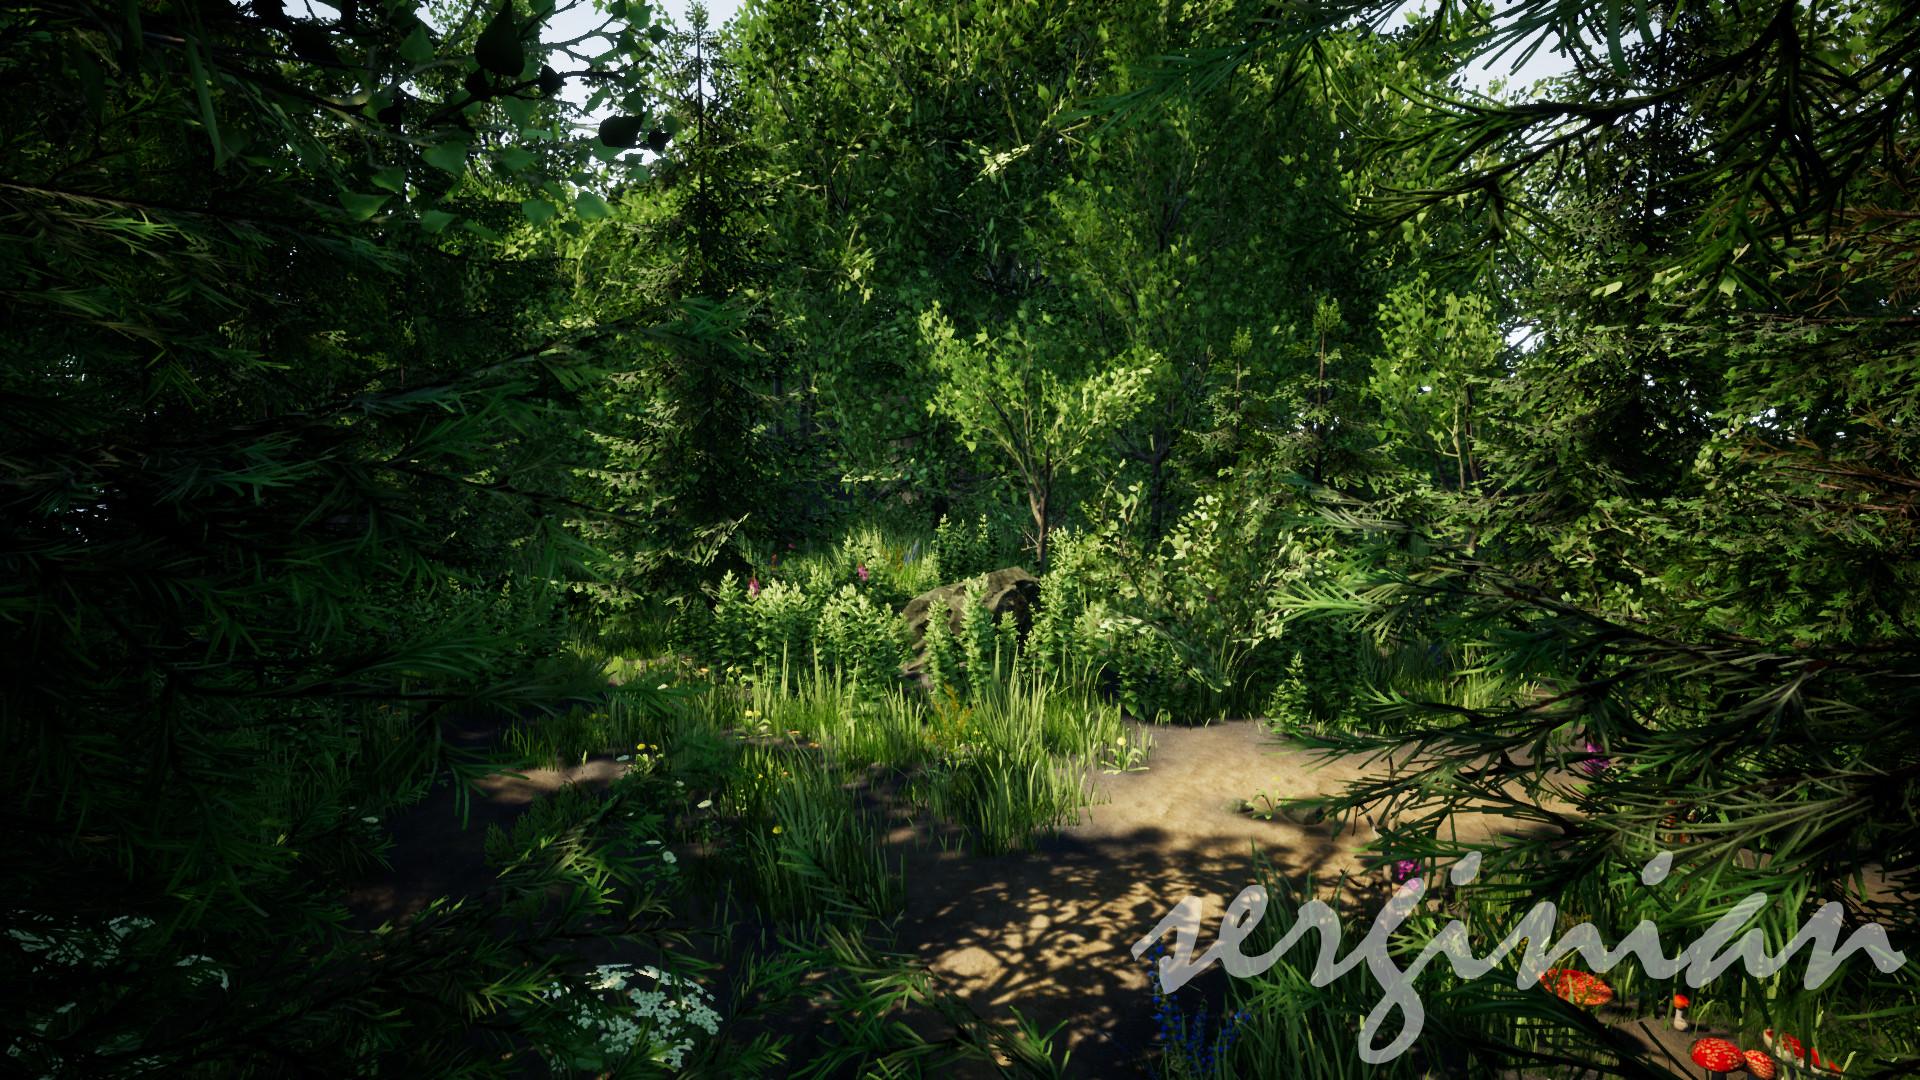 Sergei aparin forest 32 bit pcd3d sm5 02 01 2018 11 22 54